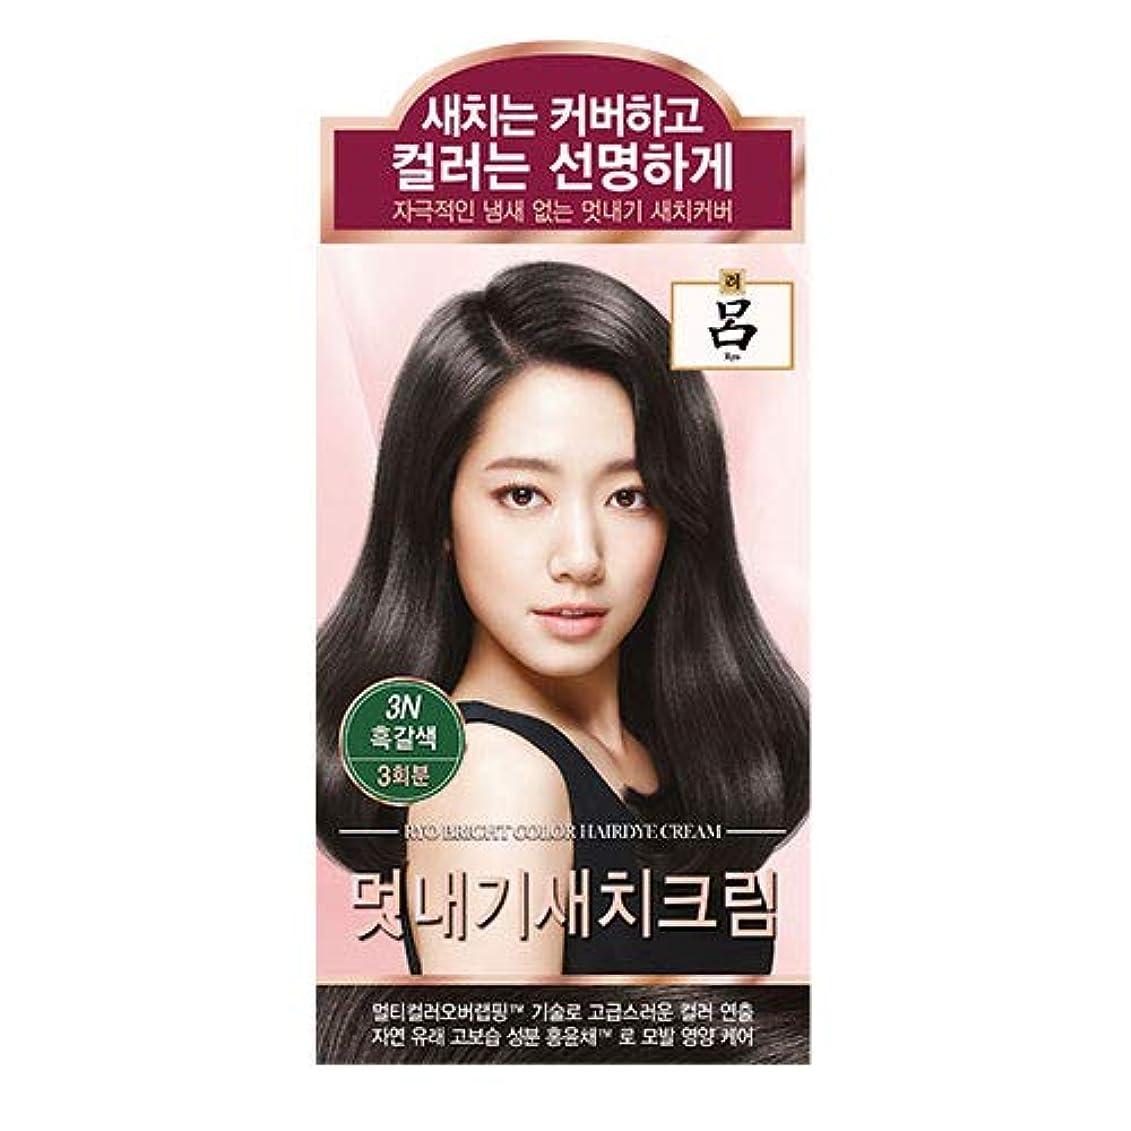 換気するスキップ地雷原アモーレパシフィック呂[AMOREPACIFIC/Ryo] ブライトカラーヘアアイクリーム 3N ダークブラウン/Bright Color Hairdye Cream 3N Dark Brown